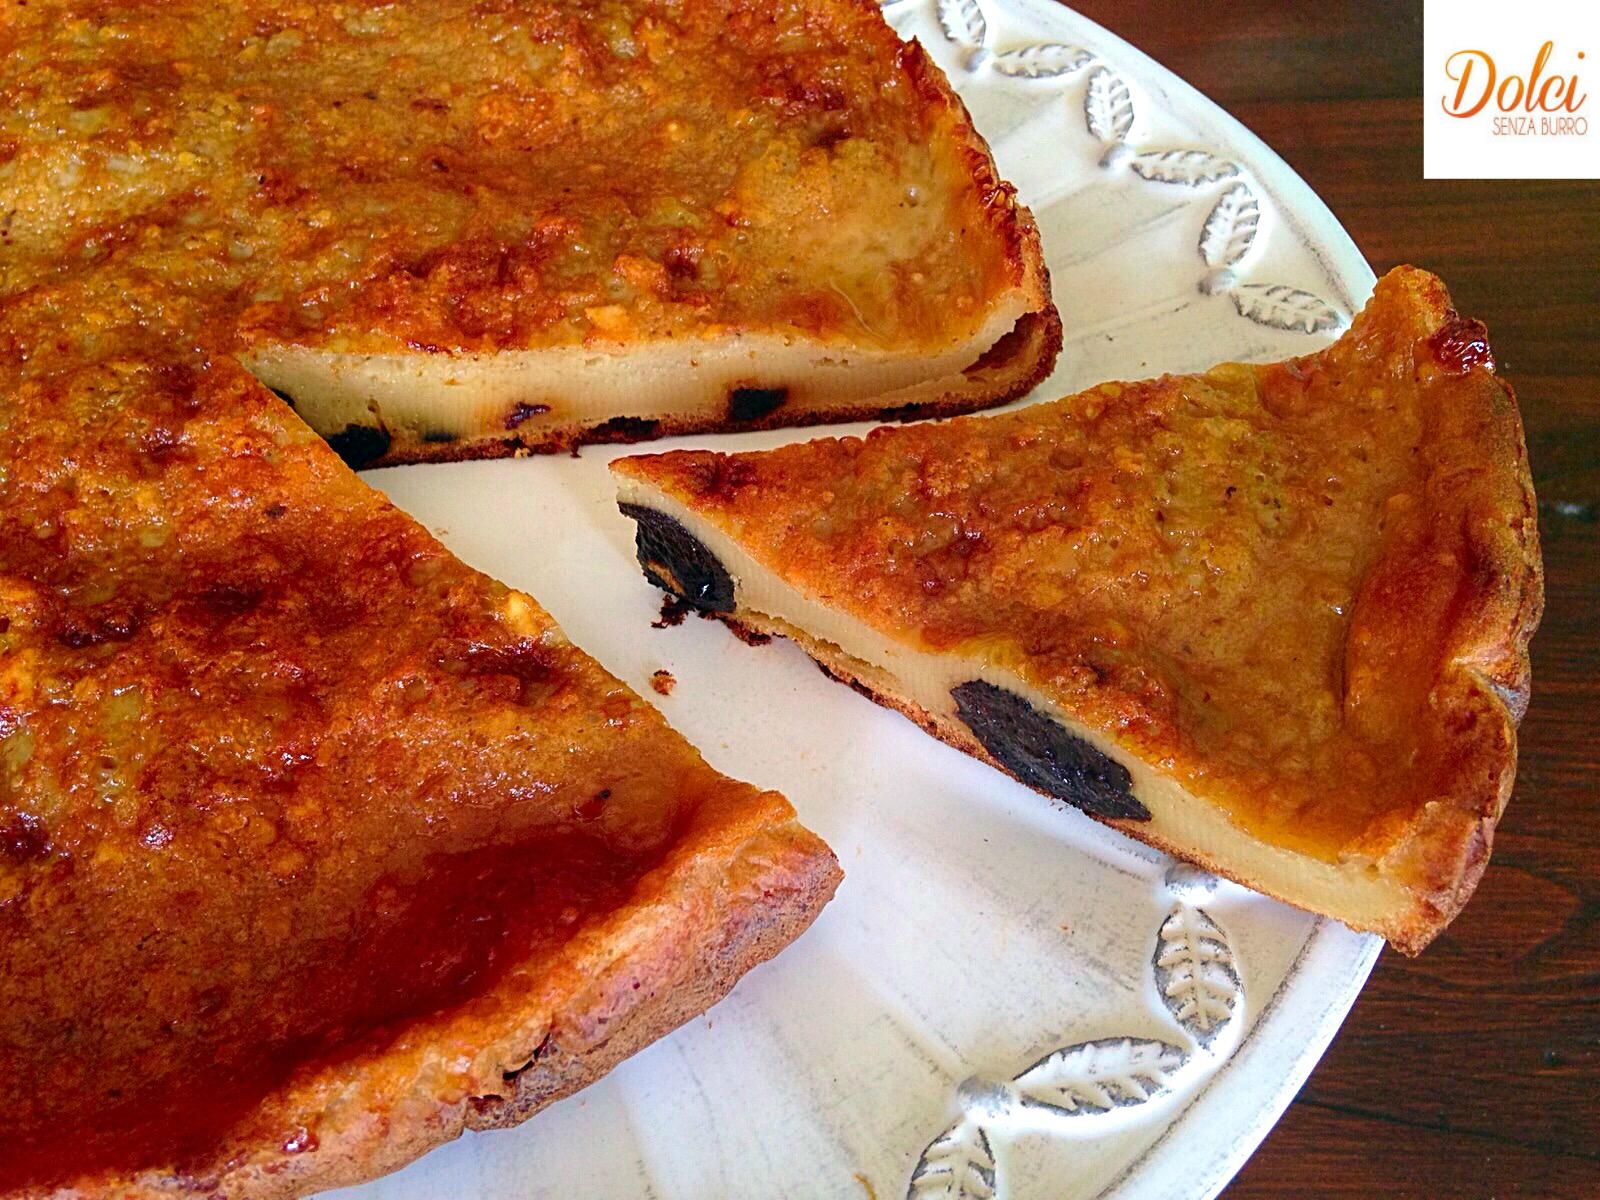 Far Breton Light, il flan alle prugne delicato e goloso di dolci senza burro